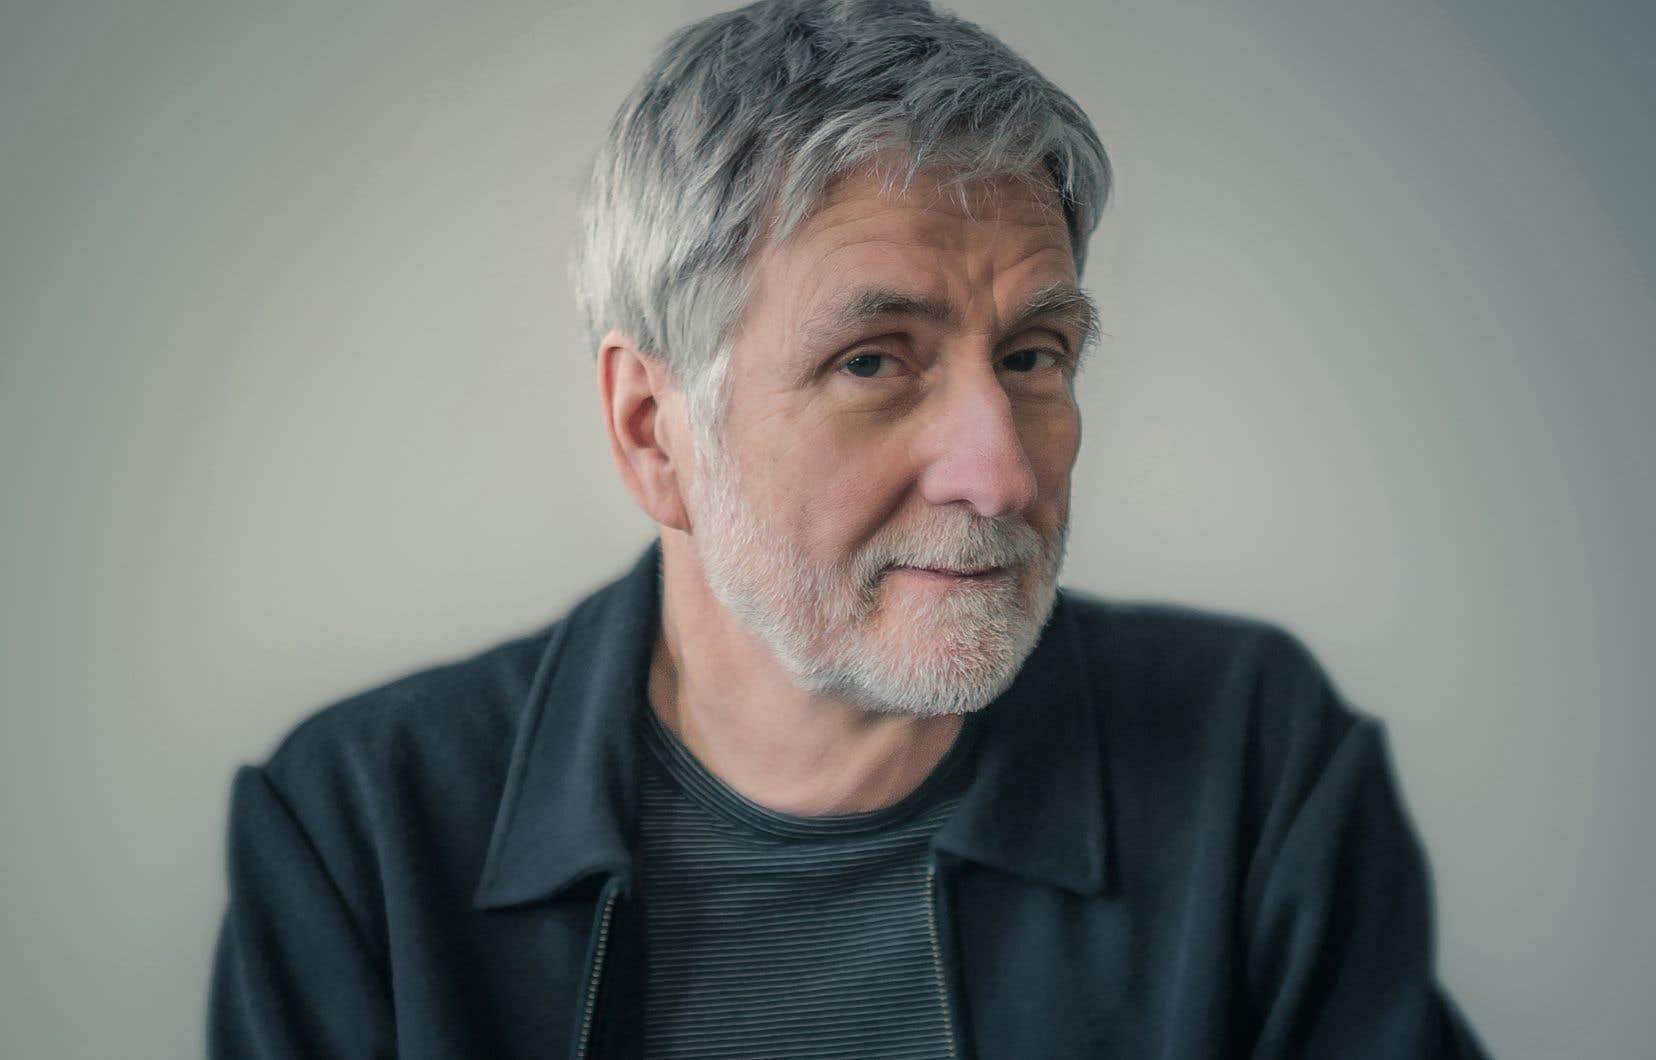 Le réalisateur John Walker s'est basé sur un essai du même titre, publié en 2012 par Aaron James.